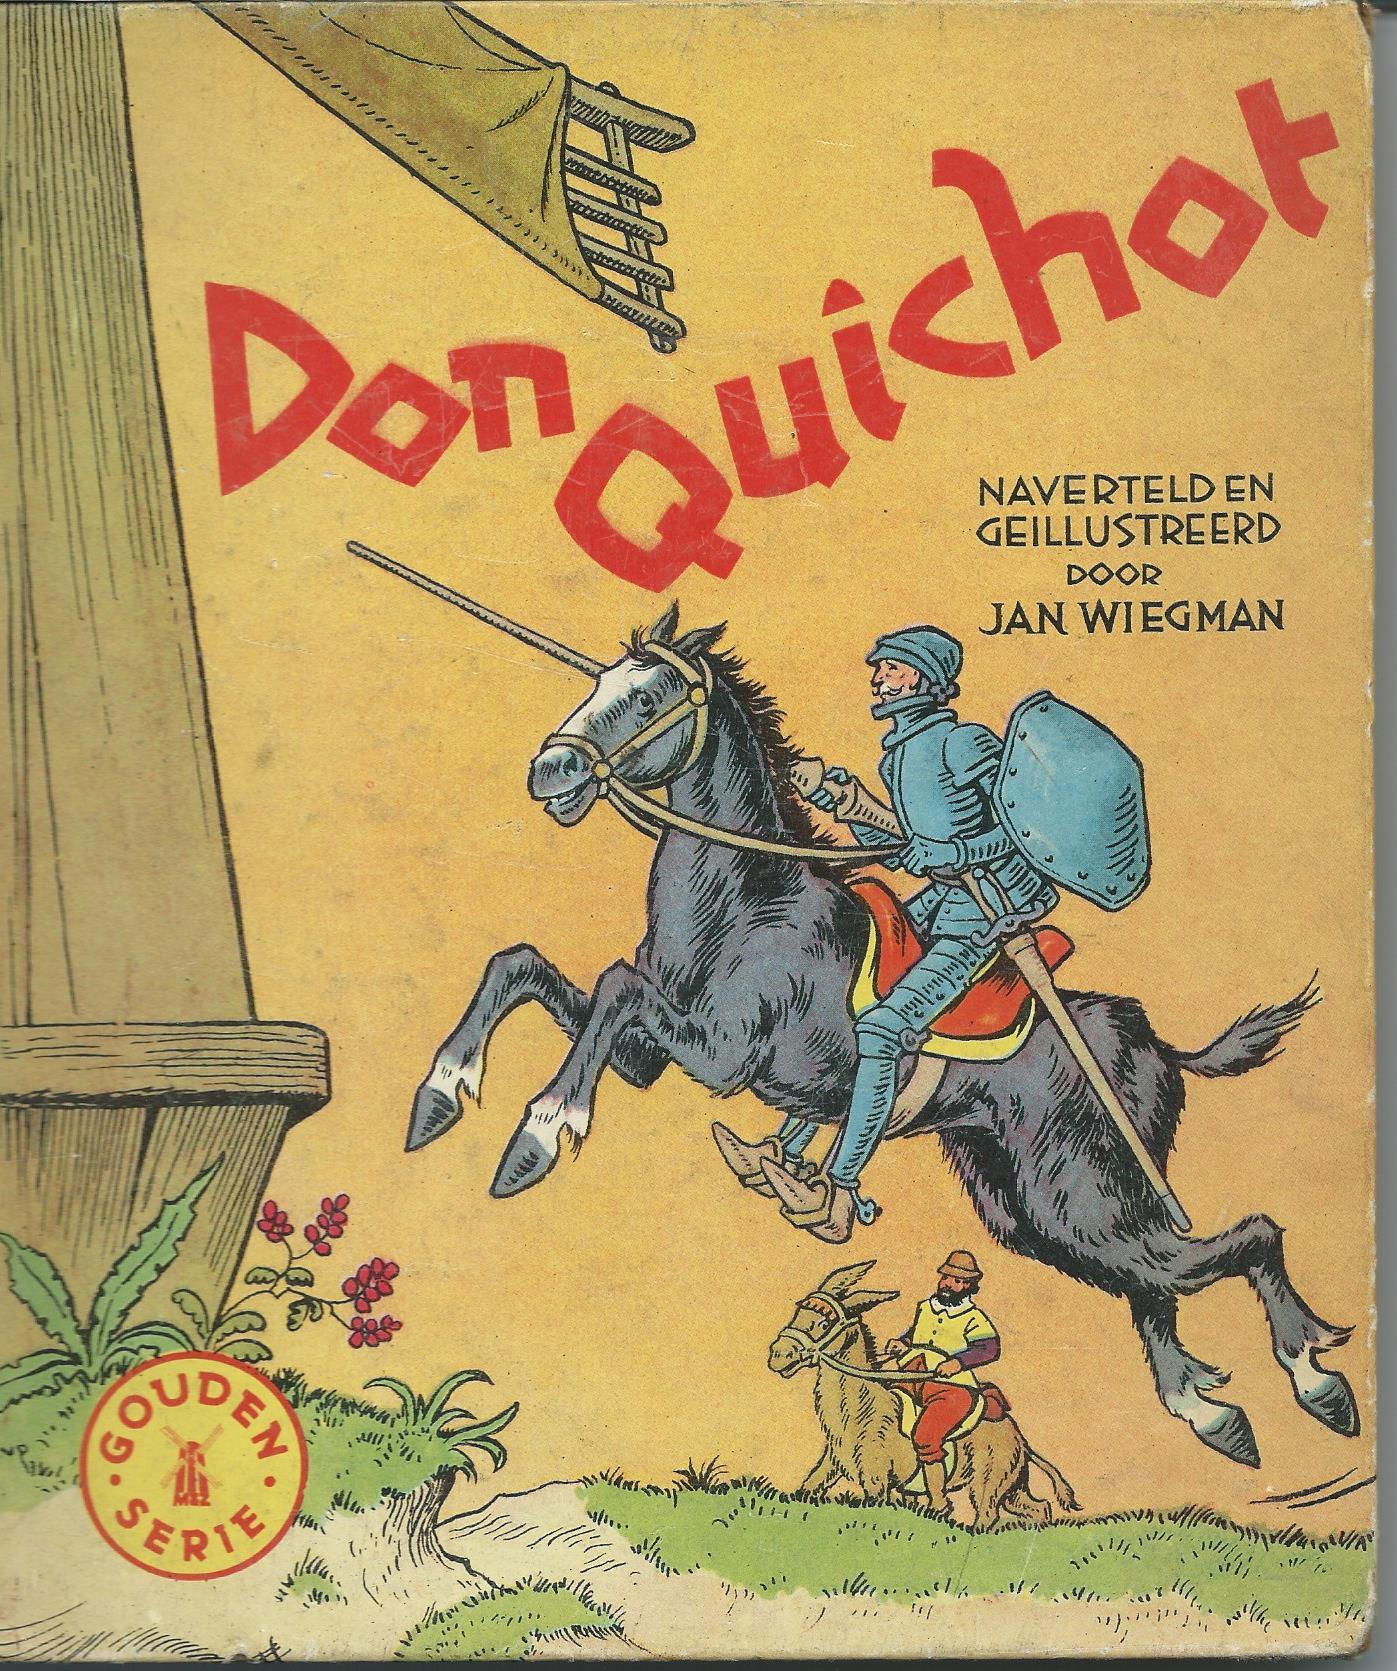 Don Quichot, naverteld en geïllustreerd door Jan Wiegman